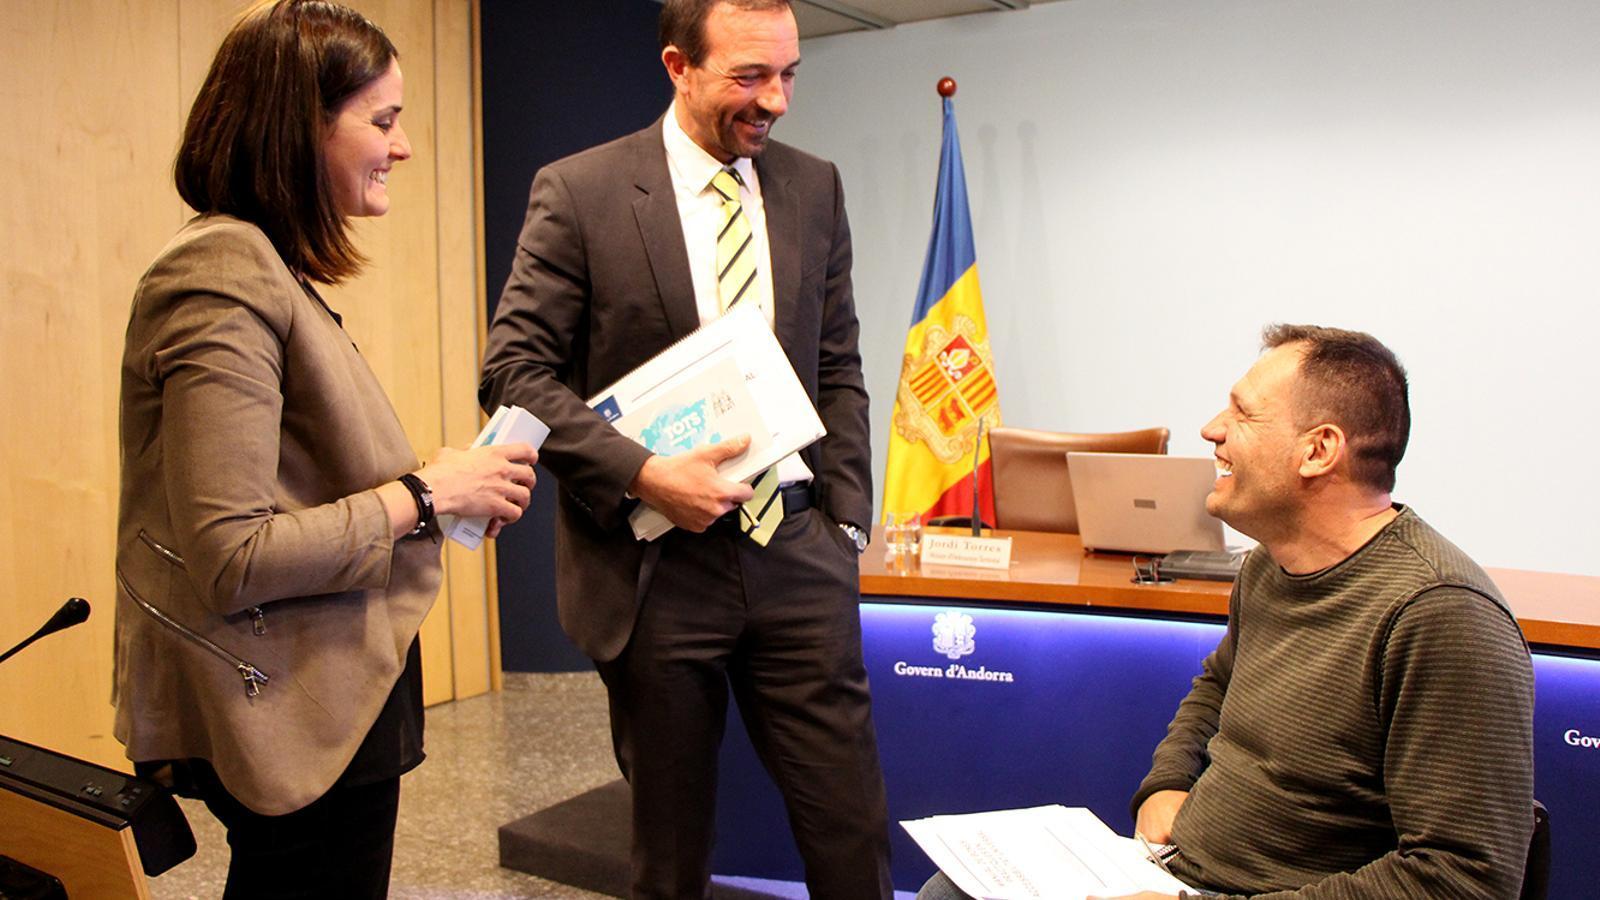 El ministre d'Ordenament Territorial en funcions, Jordi Torres, conversa amb el president de la comissió d'accessibilitat, Albert Llovera, abans de la presentació del manual de bones pràctiques. / M. F. (ANA)